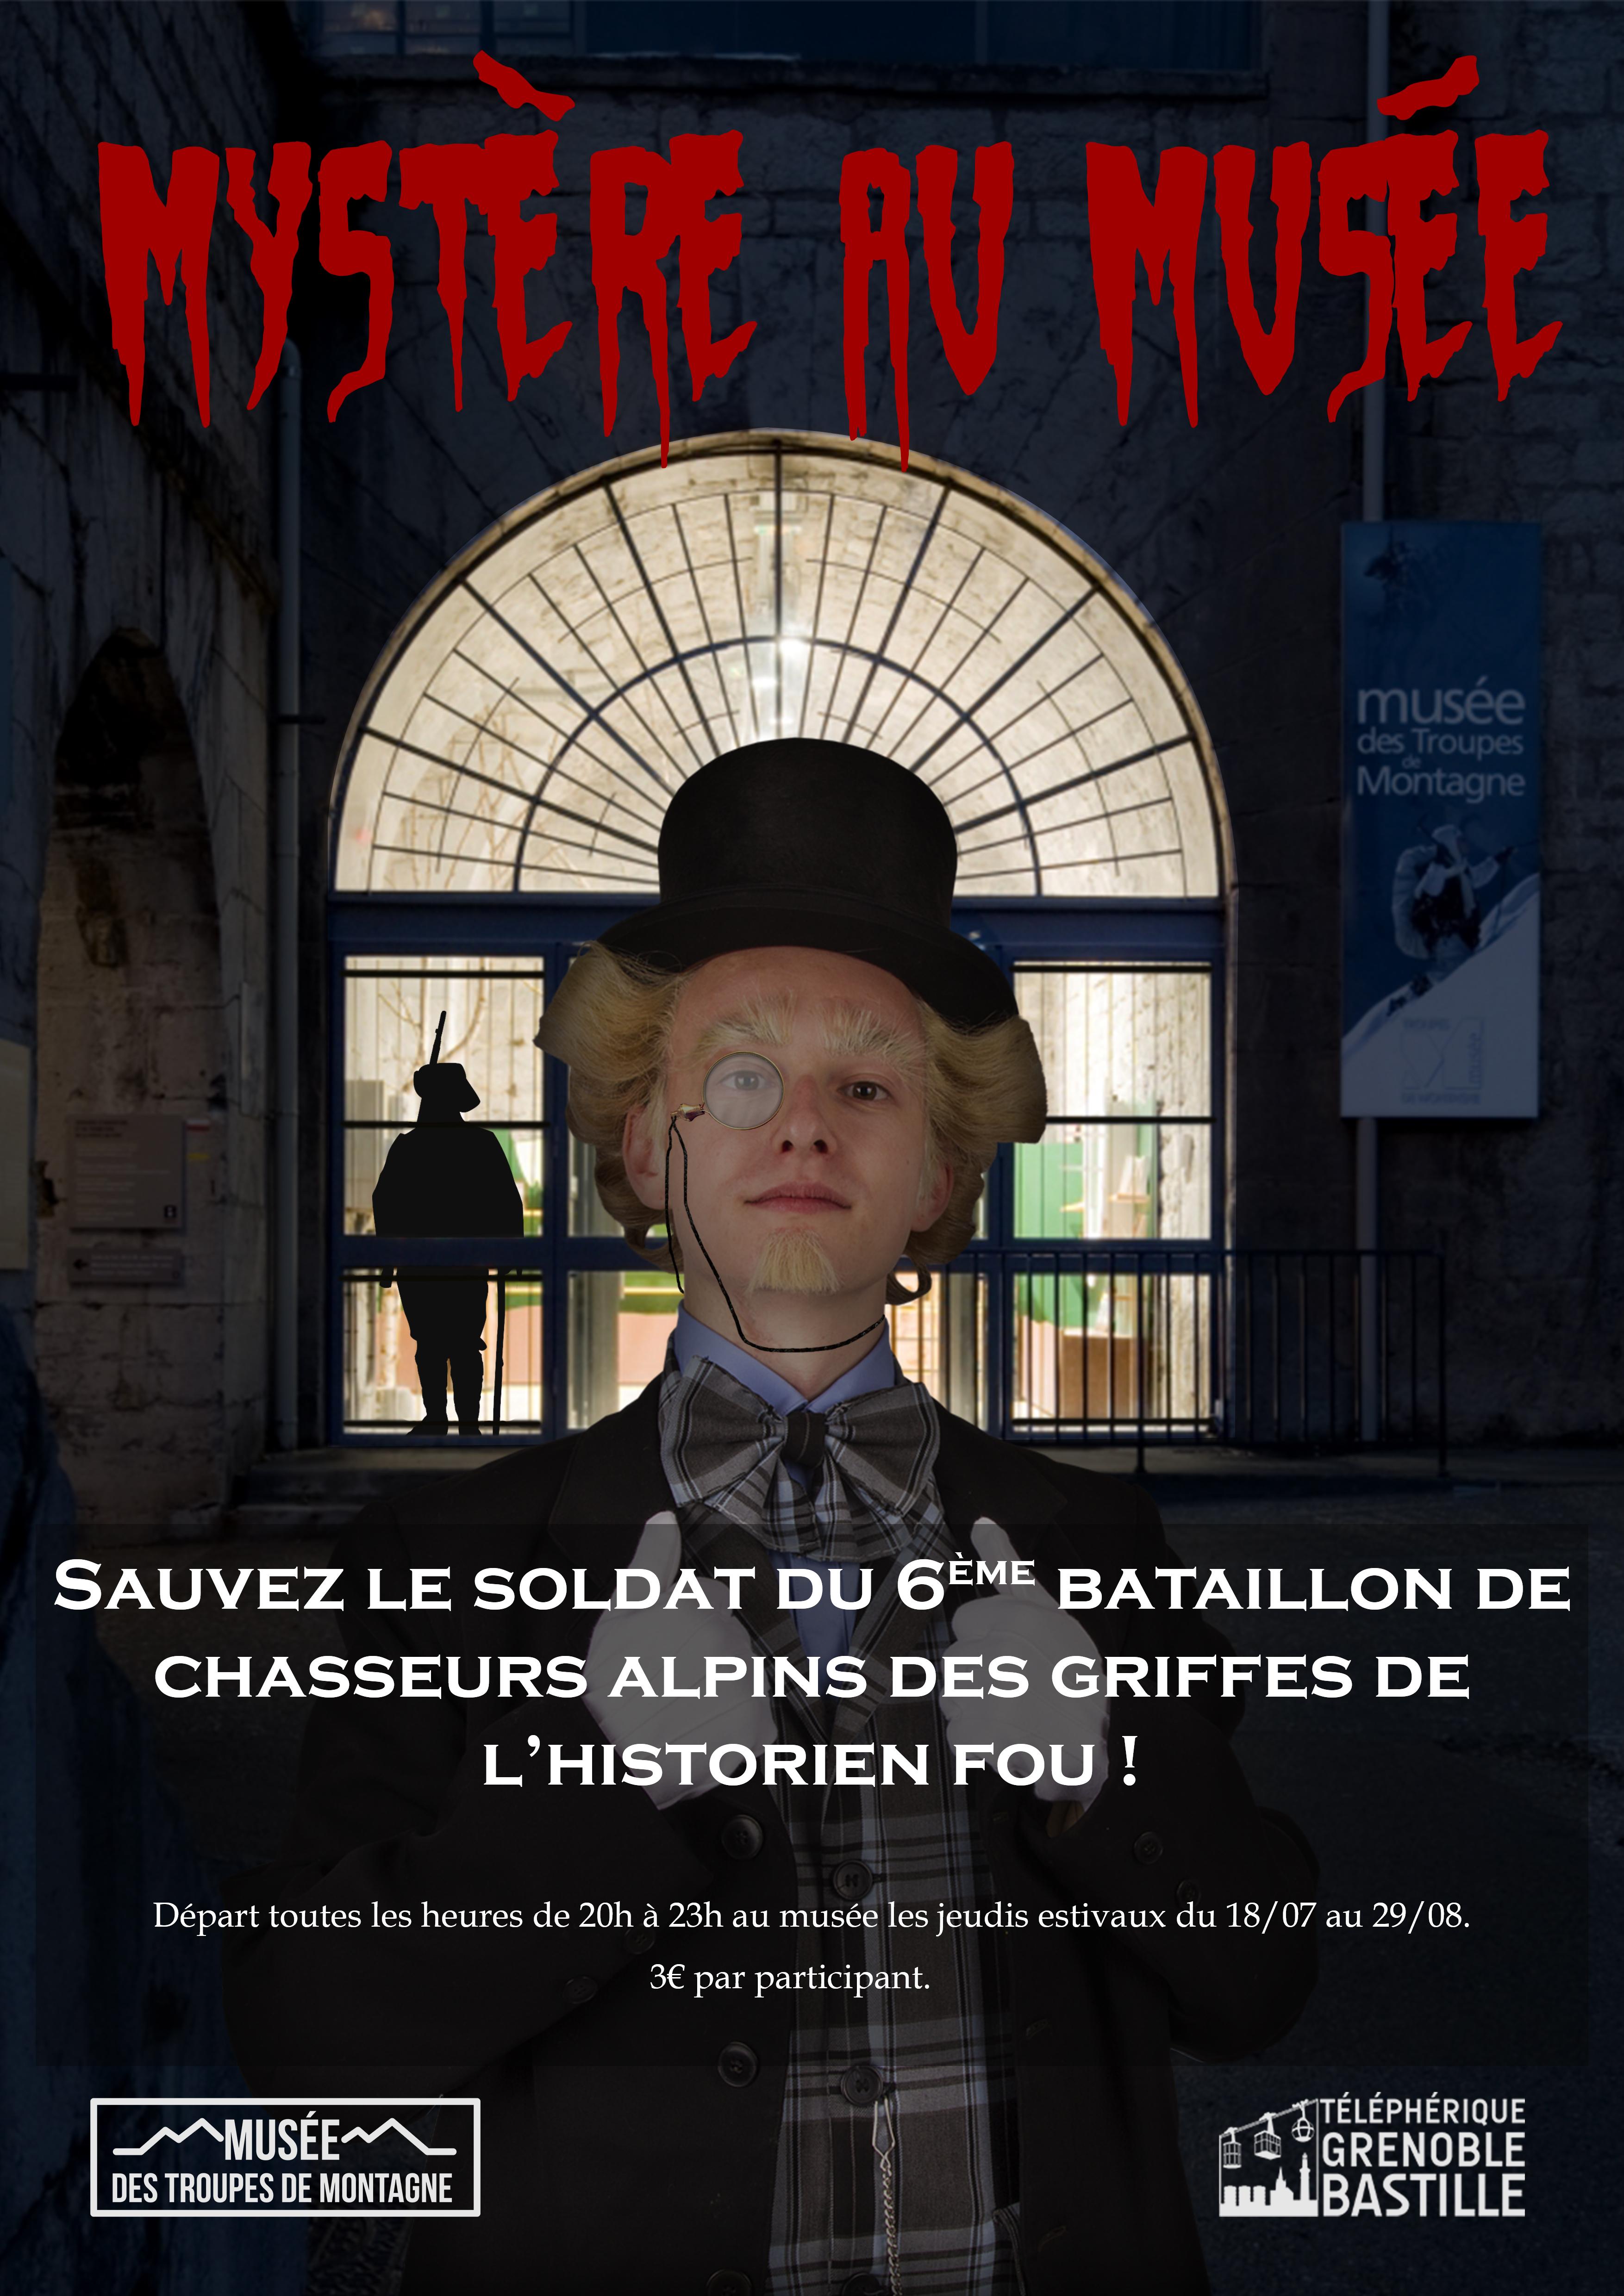 affiche de mystère au musée